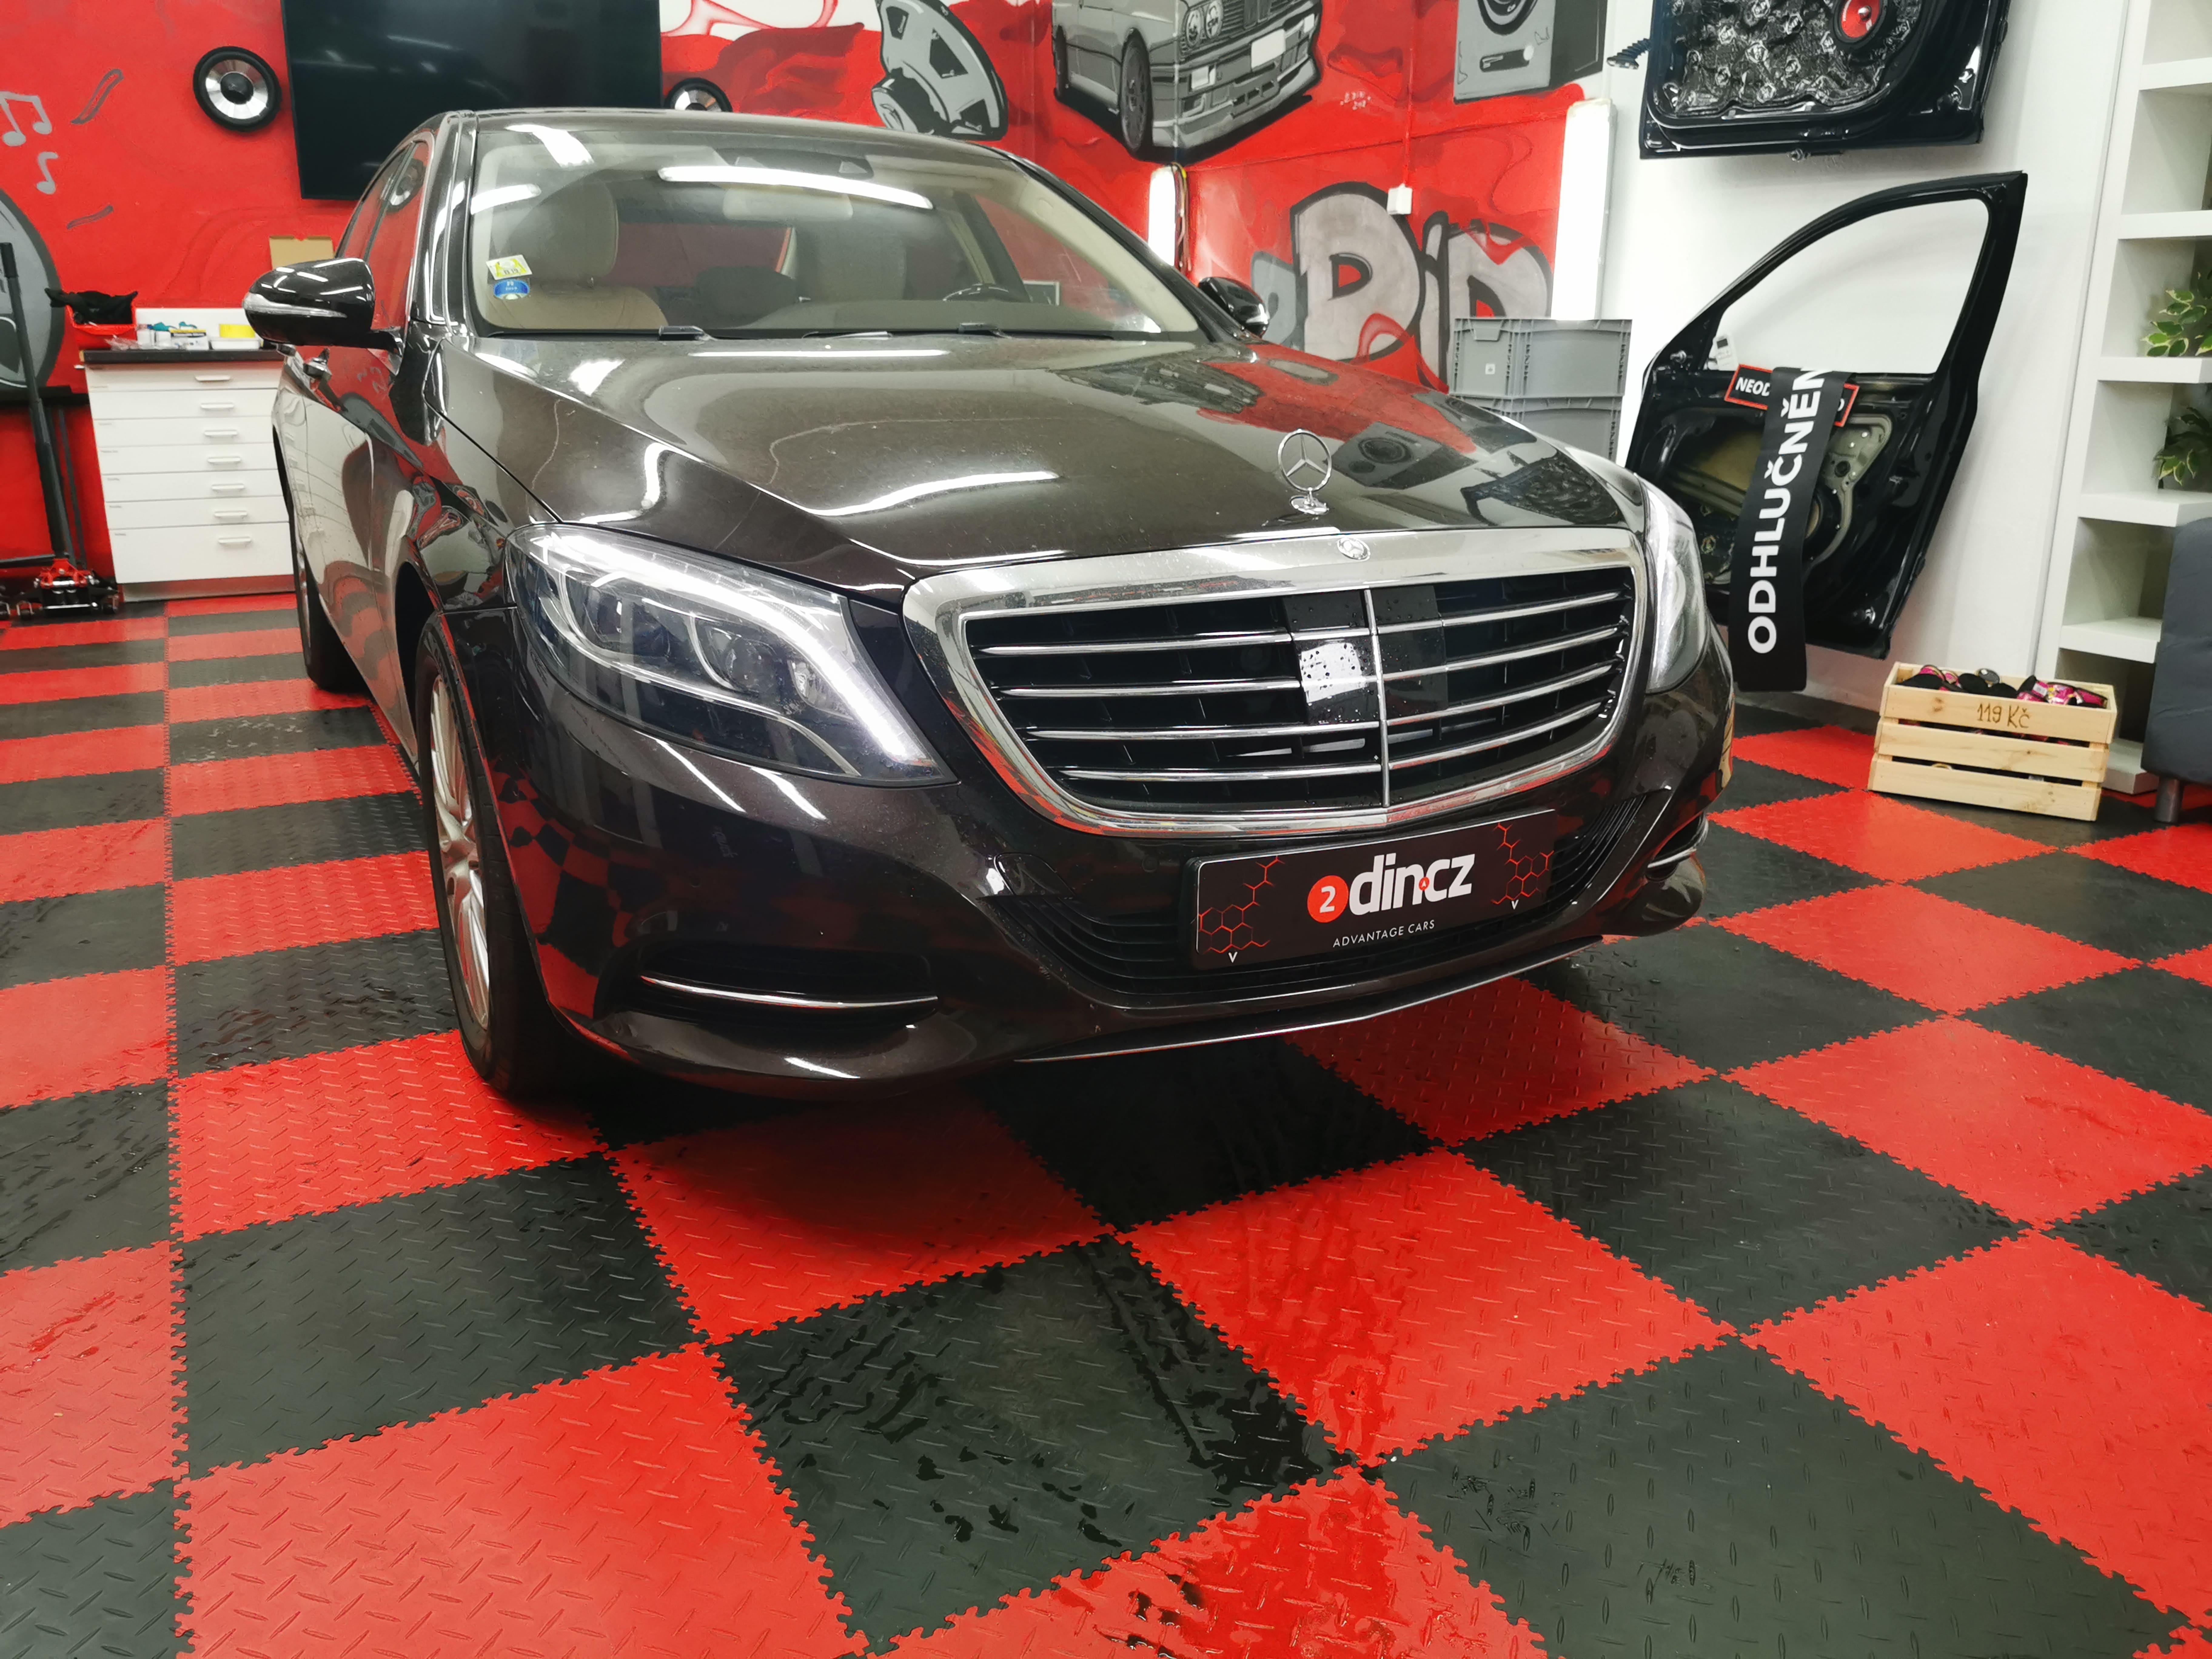 Mercedes Benz S-class - Předělání soundsystému